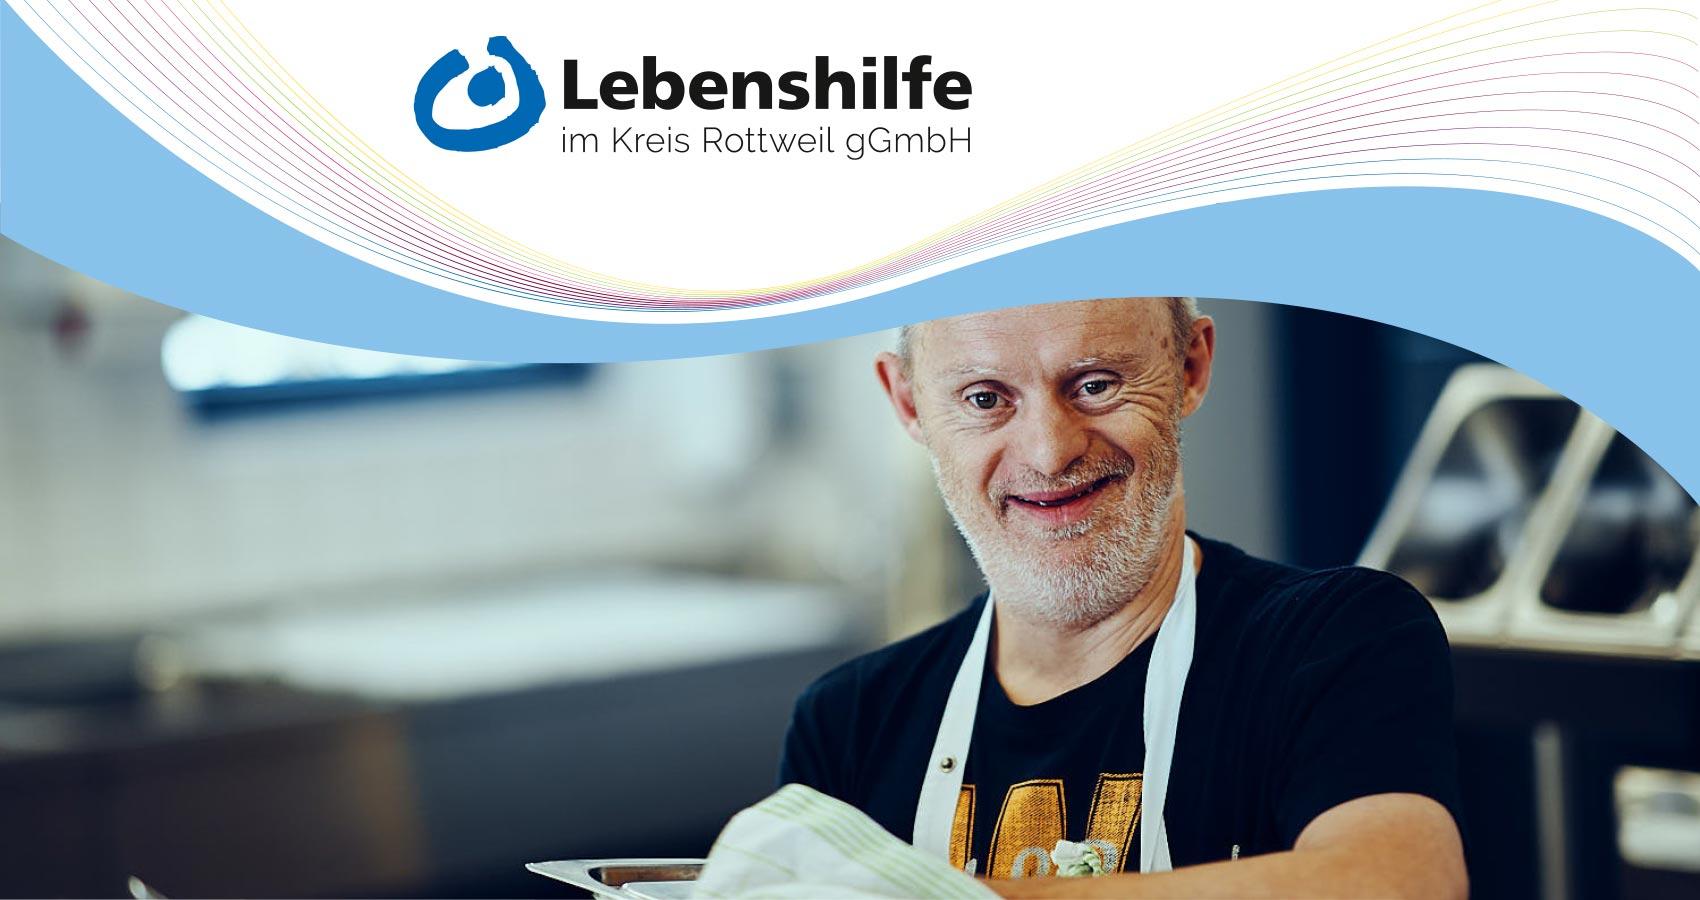 Lebenshilfe im Kreis Rottweil gGmbH - Arbeitsbereich Hauswirtschaft